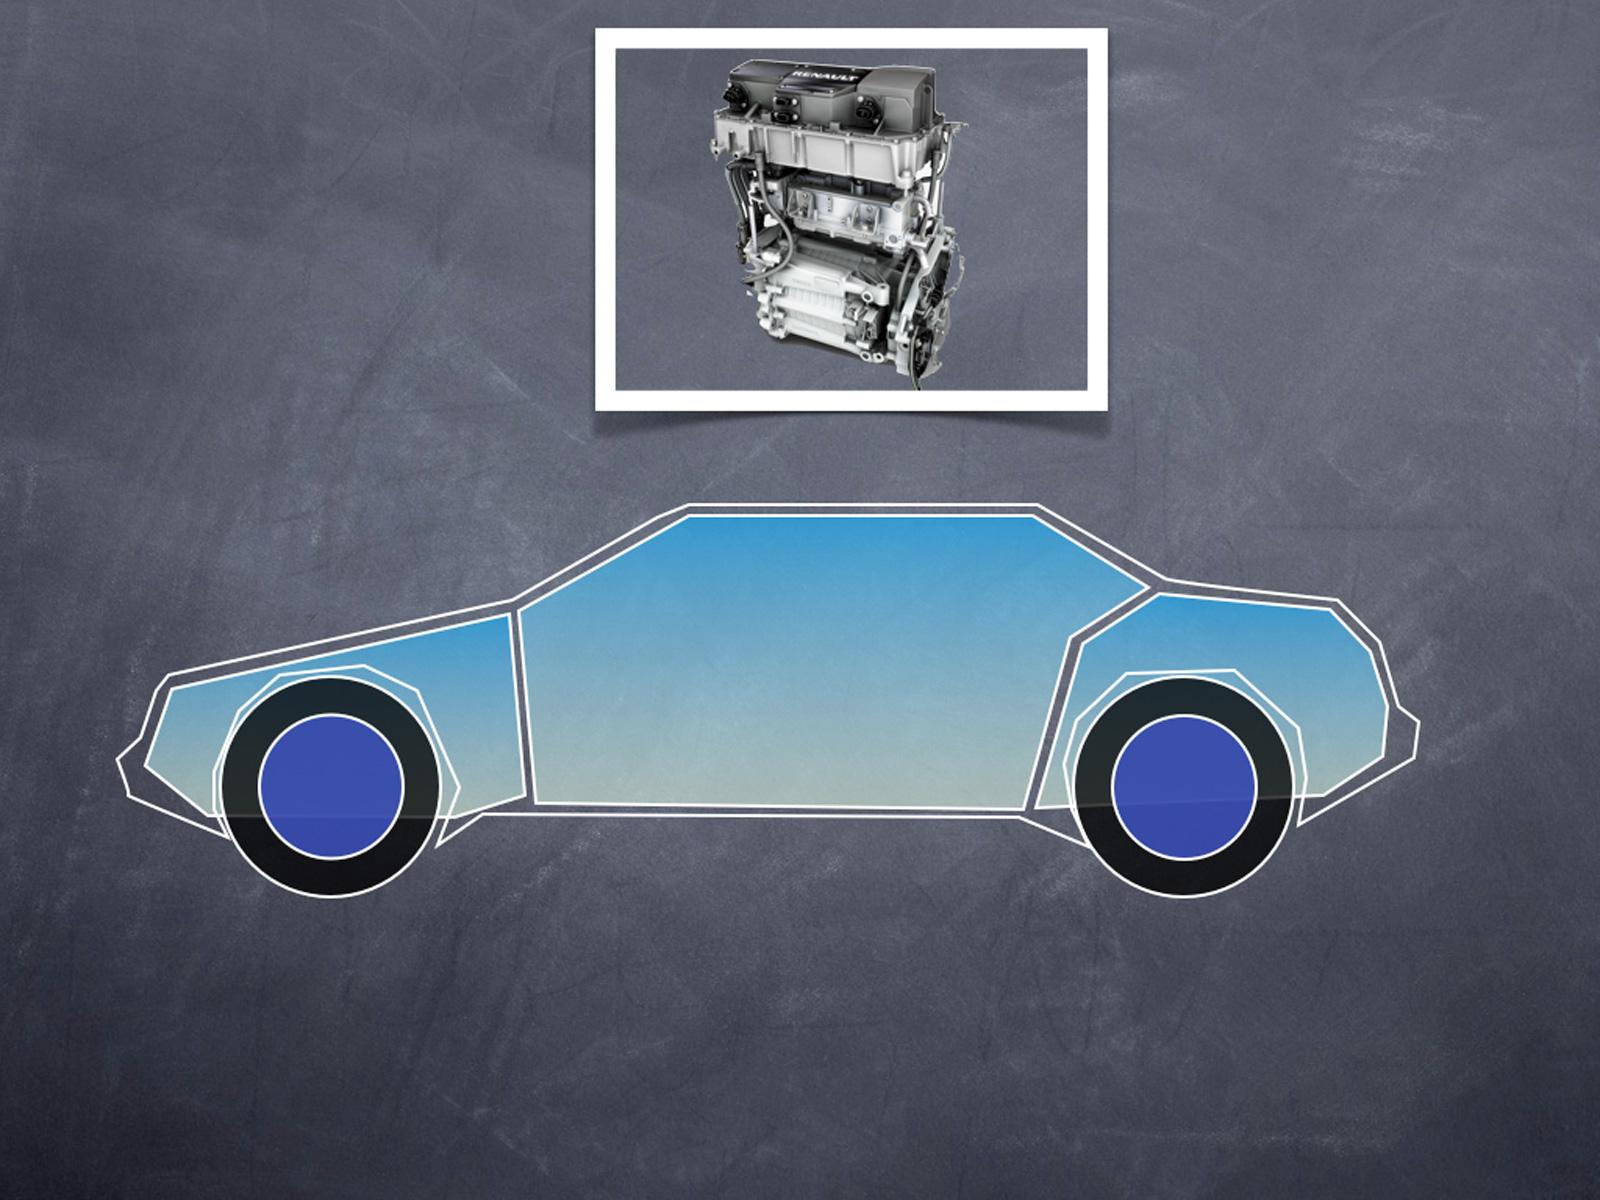 Motor eléctrico, coche eléctrico a baterías